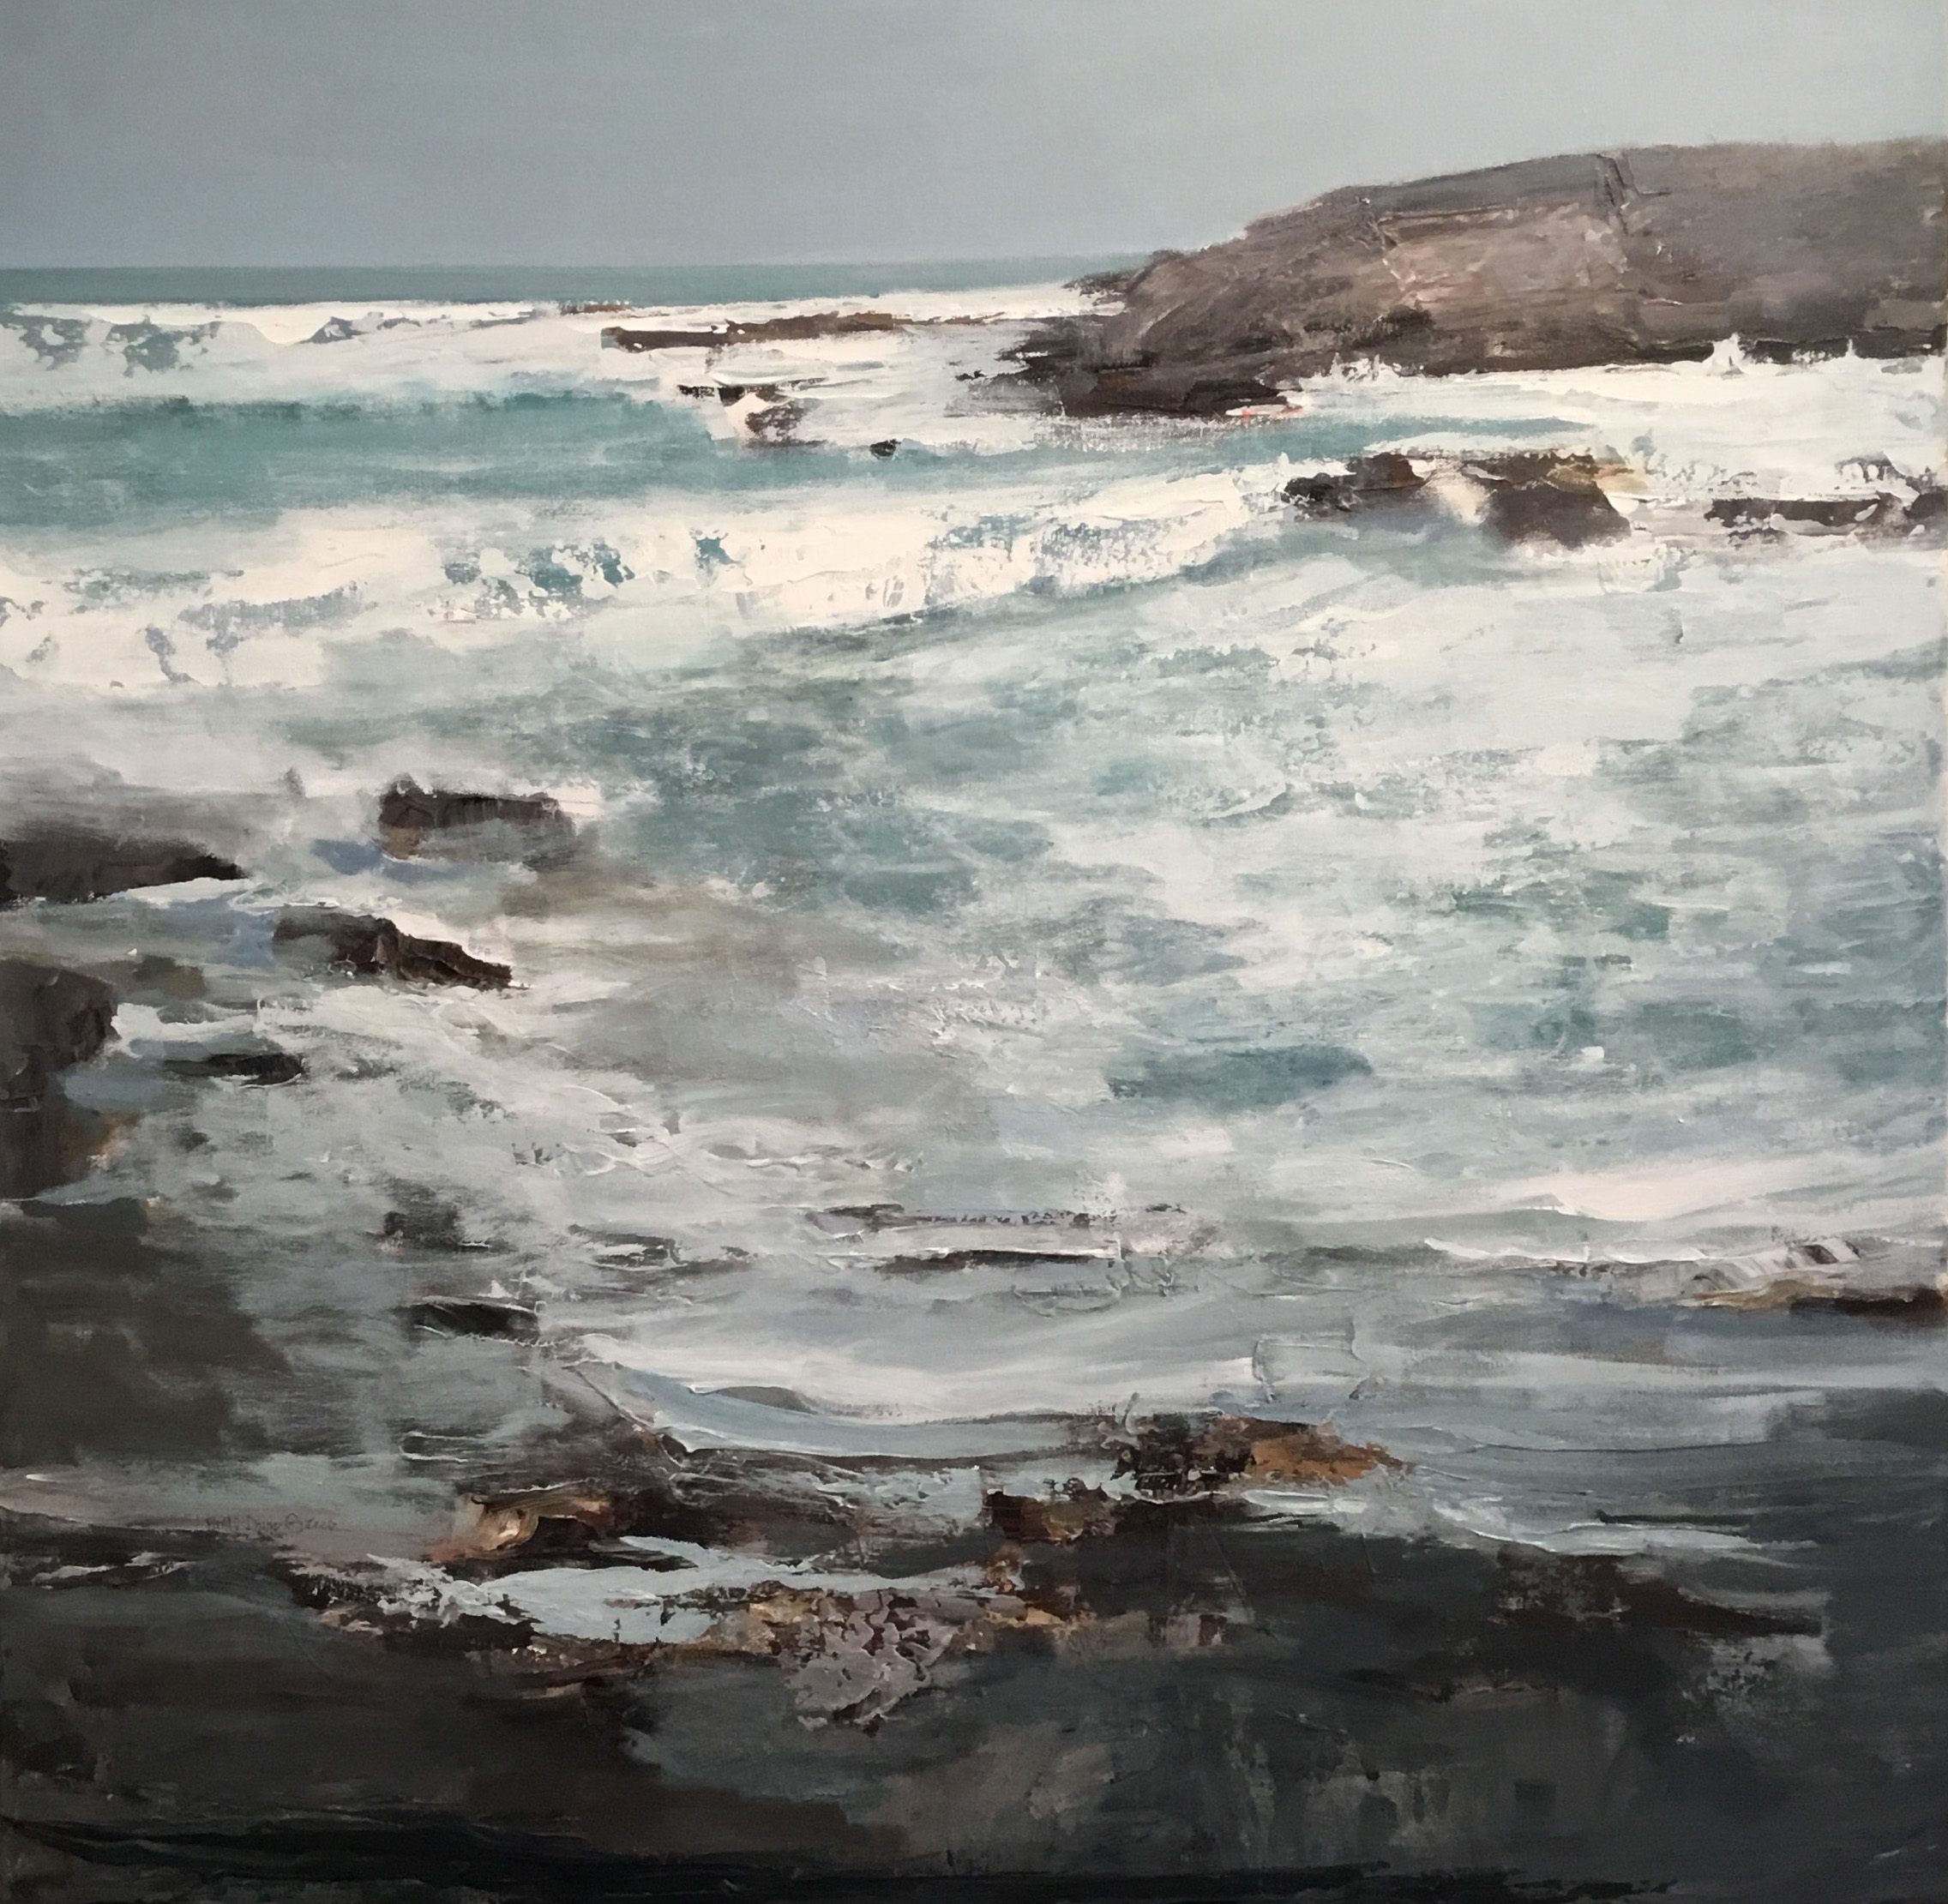 Cerulean Sea